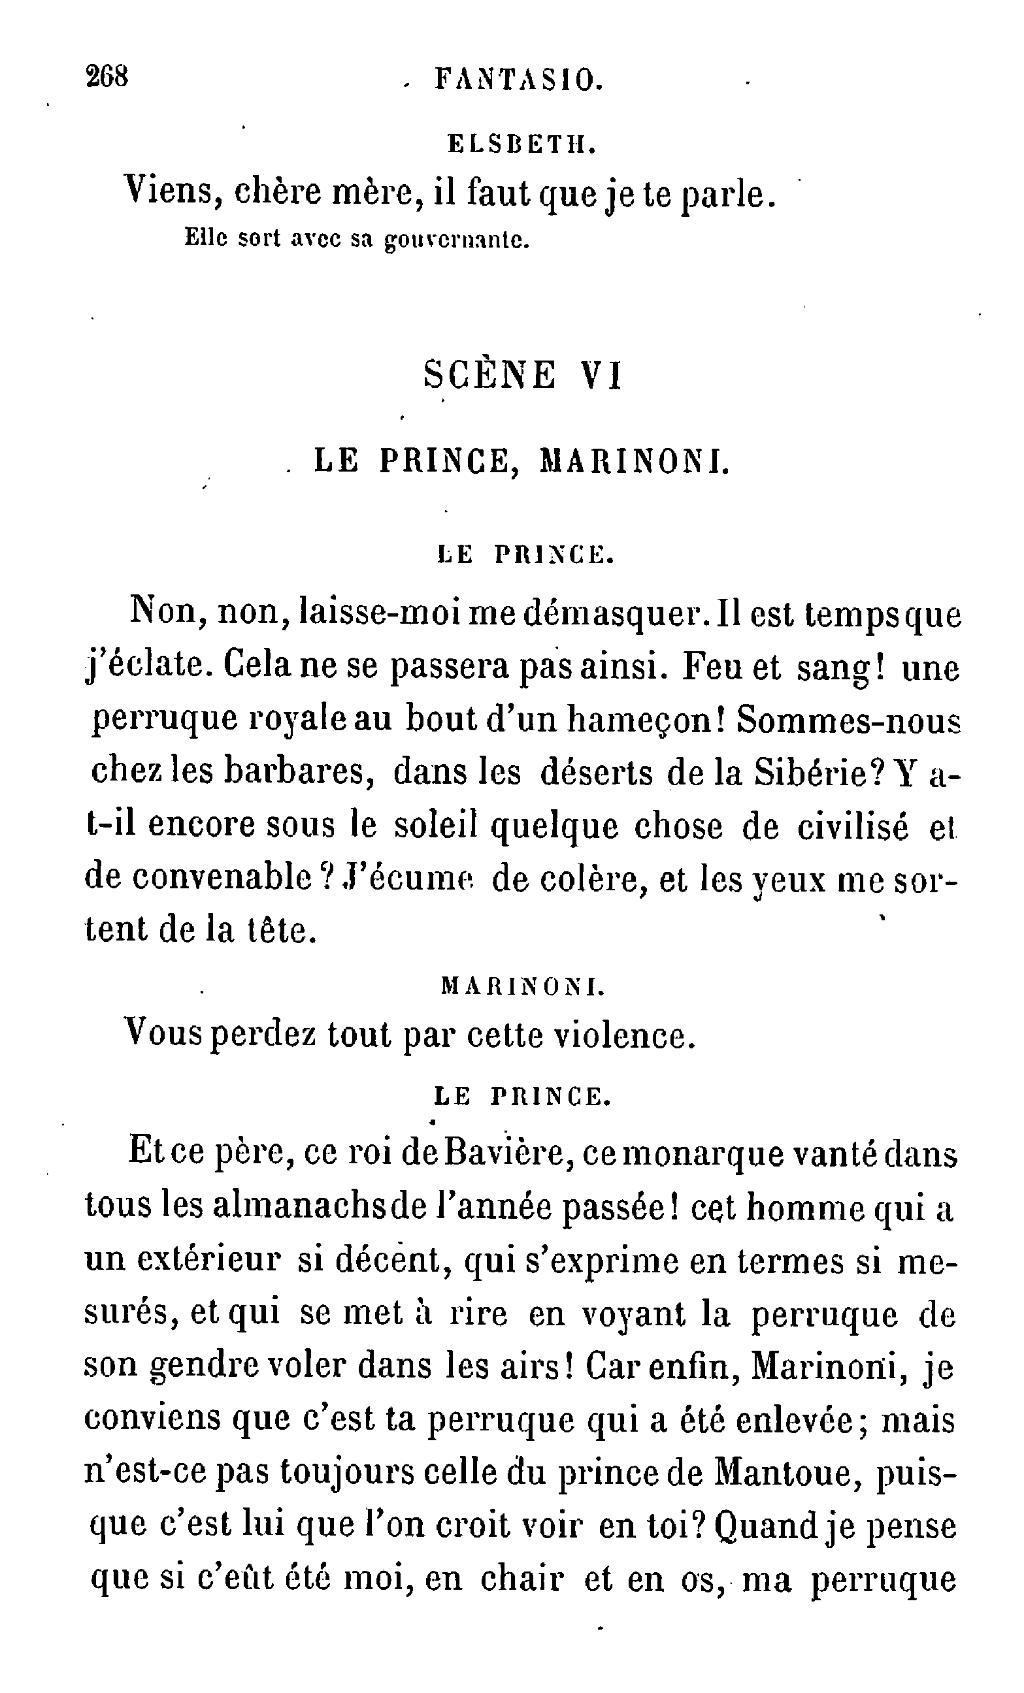 Le Prince Il Parle Pas à Toi : prince, parle, Page:Musset, Œuvres, Complètes, D'Alfred, Musset., Comédies, I.djvu/273, Wikisource